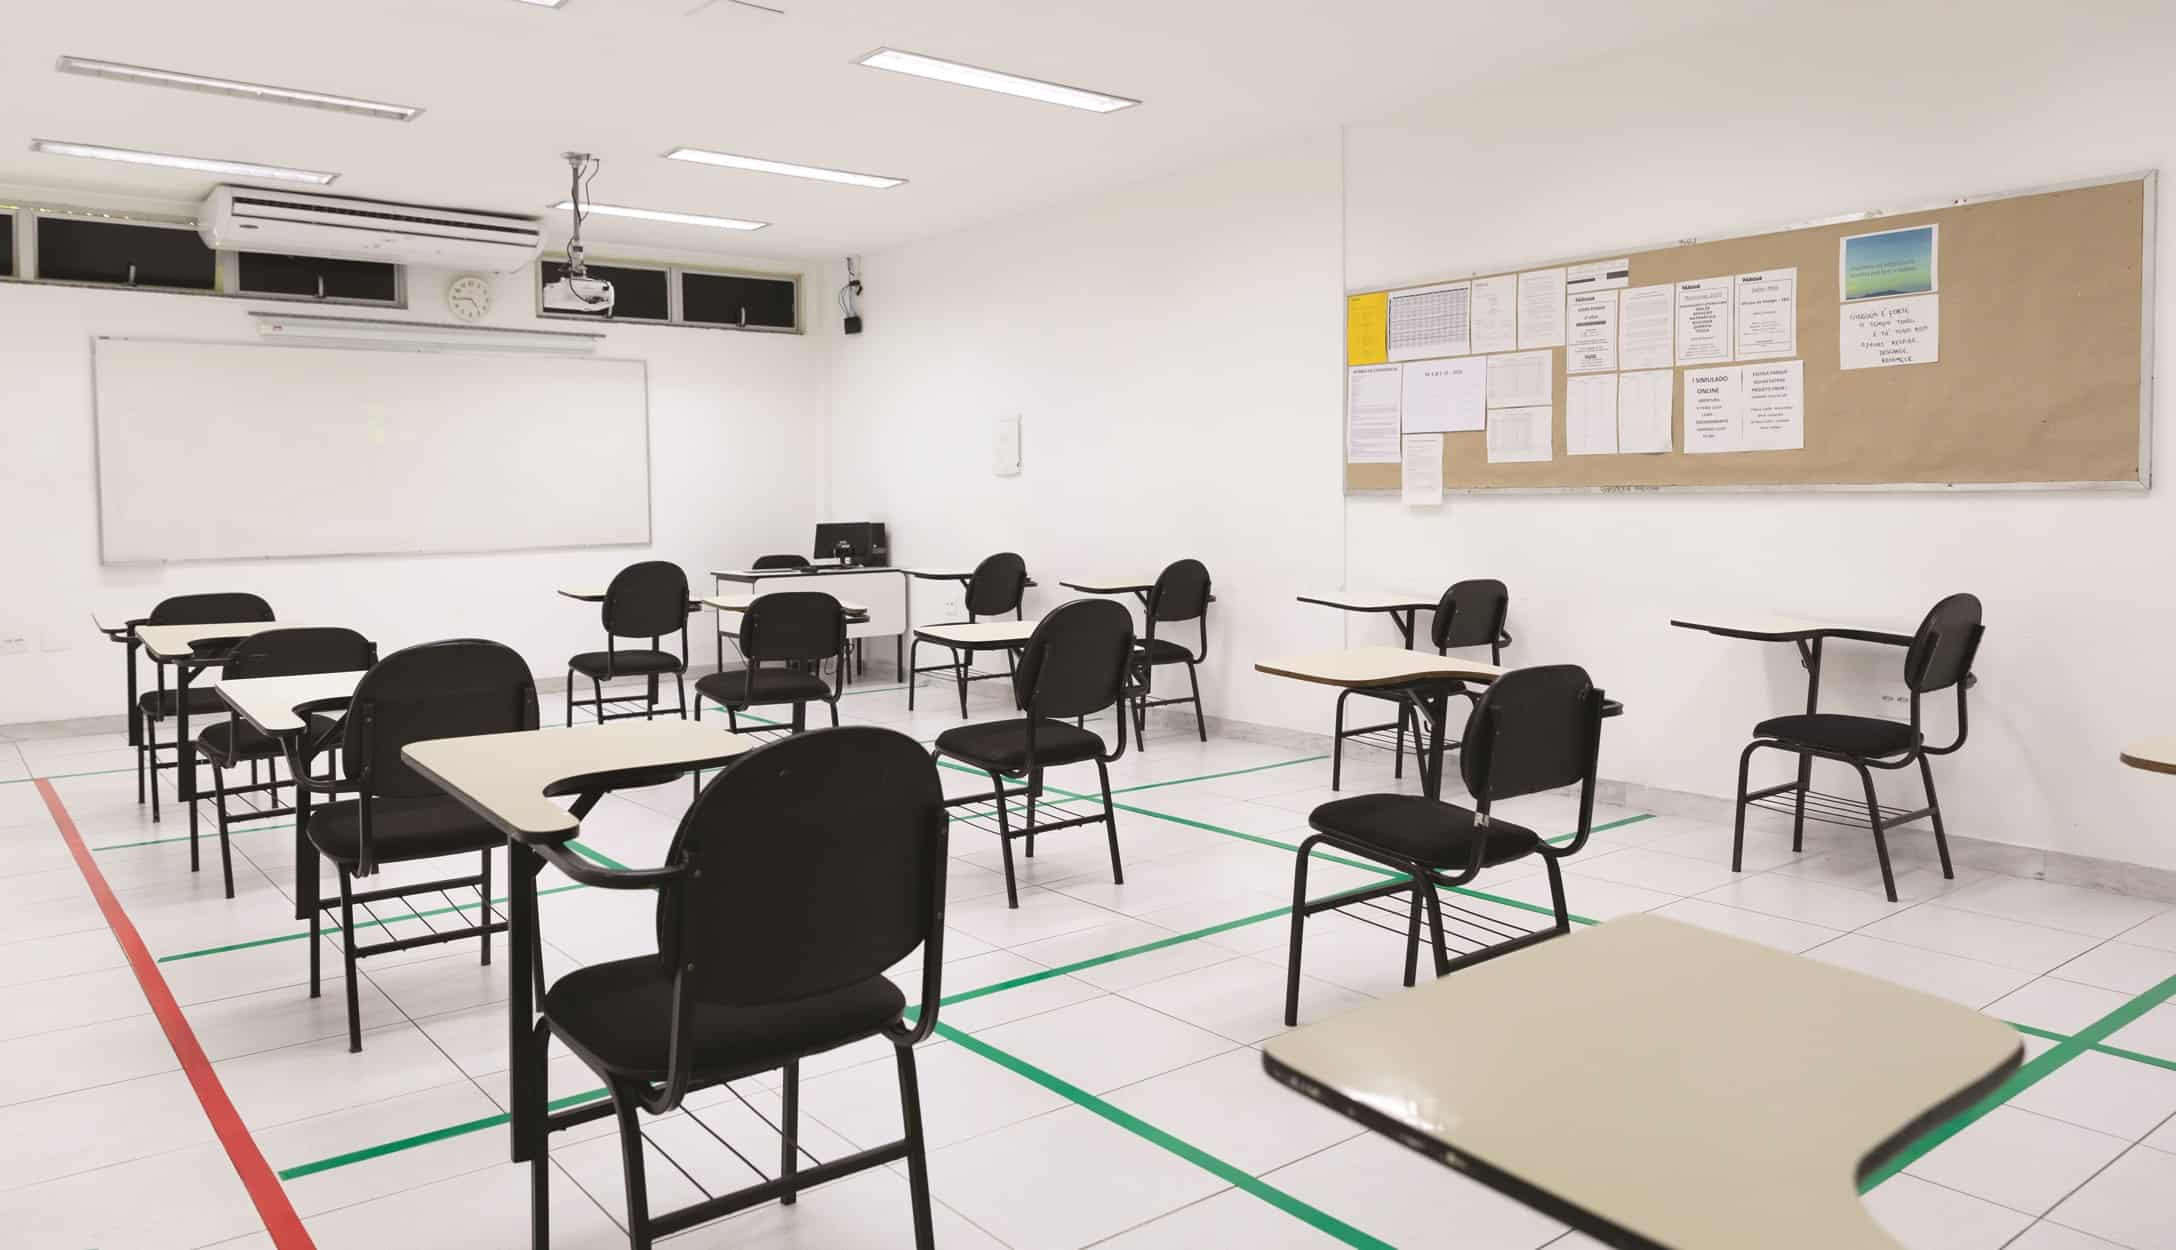 Volta às aulas em Minas Gerais: TUDO sobre o retorno que aconteceu nesta semana (Imagem: Google)